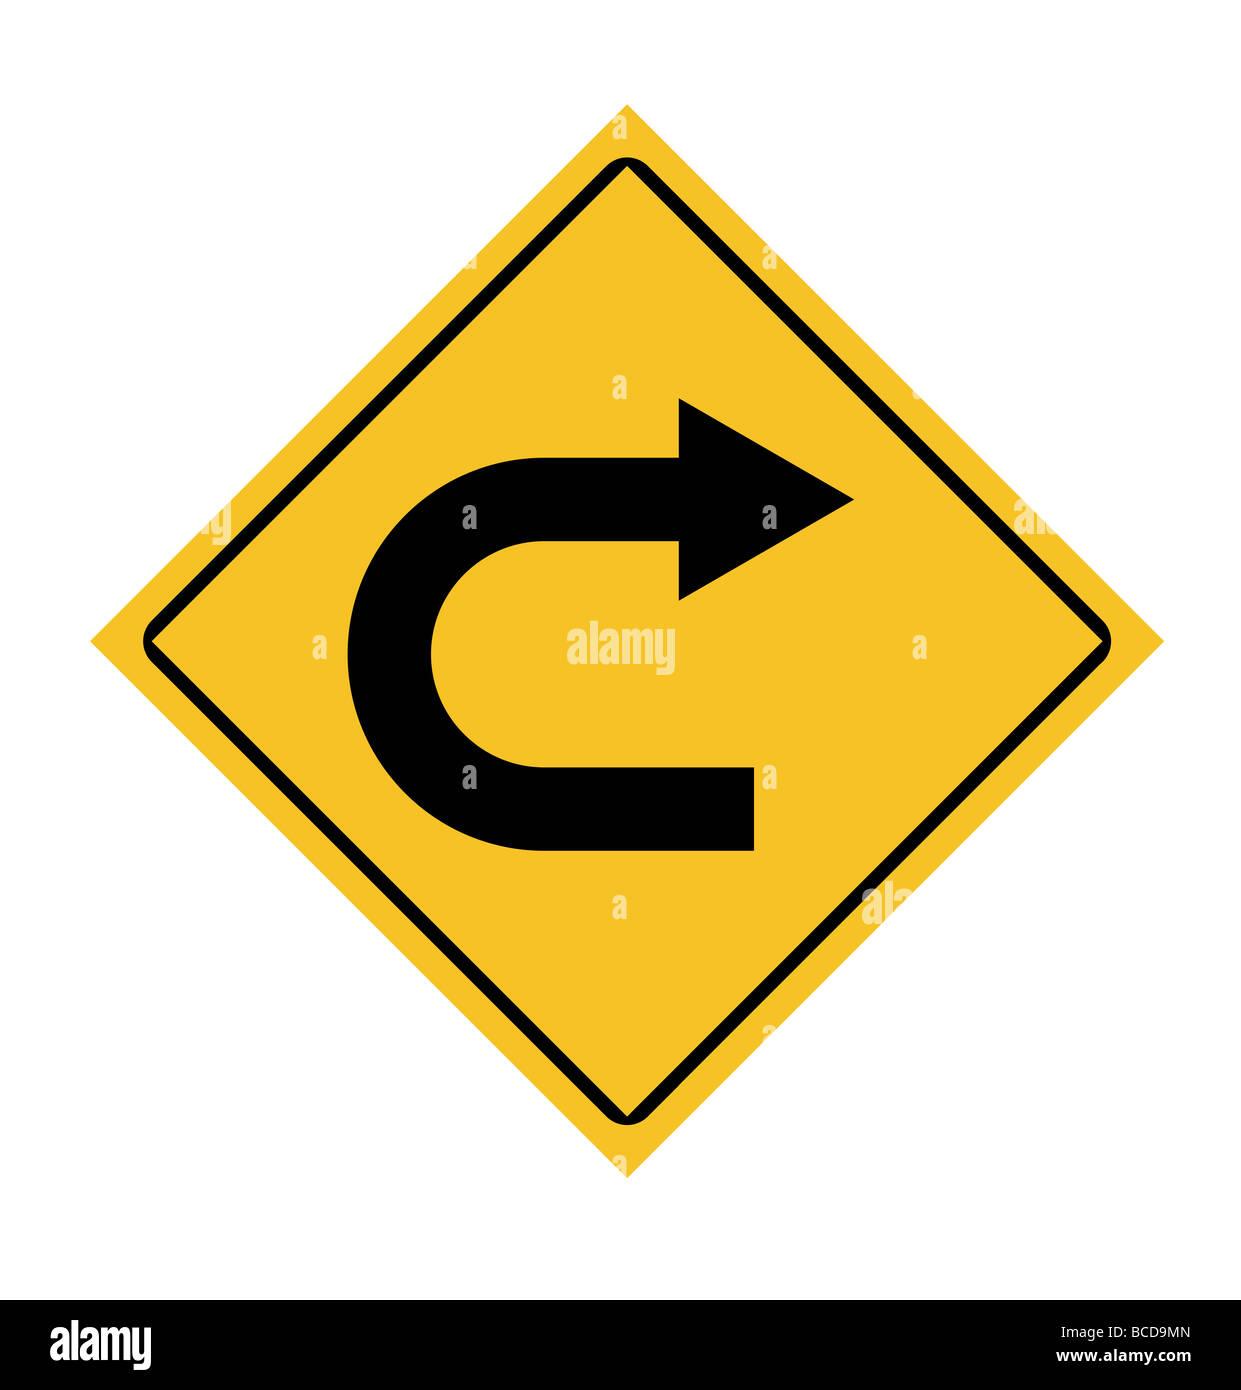 Panneau routier trafic avec flèche droite Photo Stock